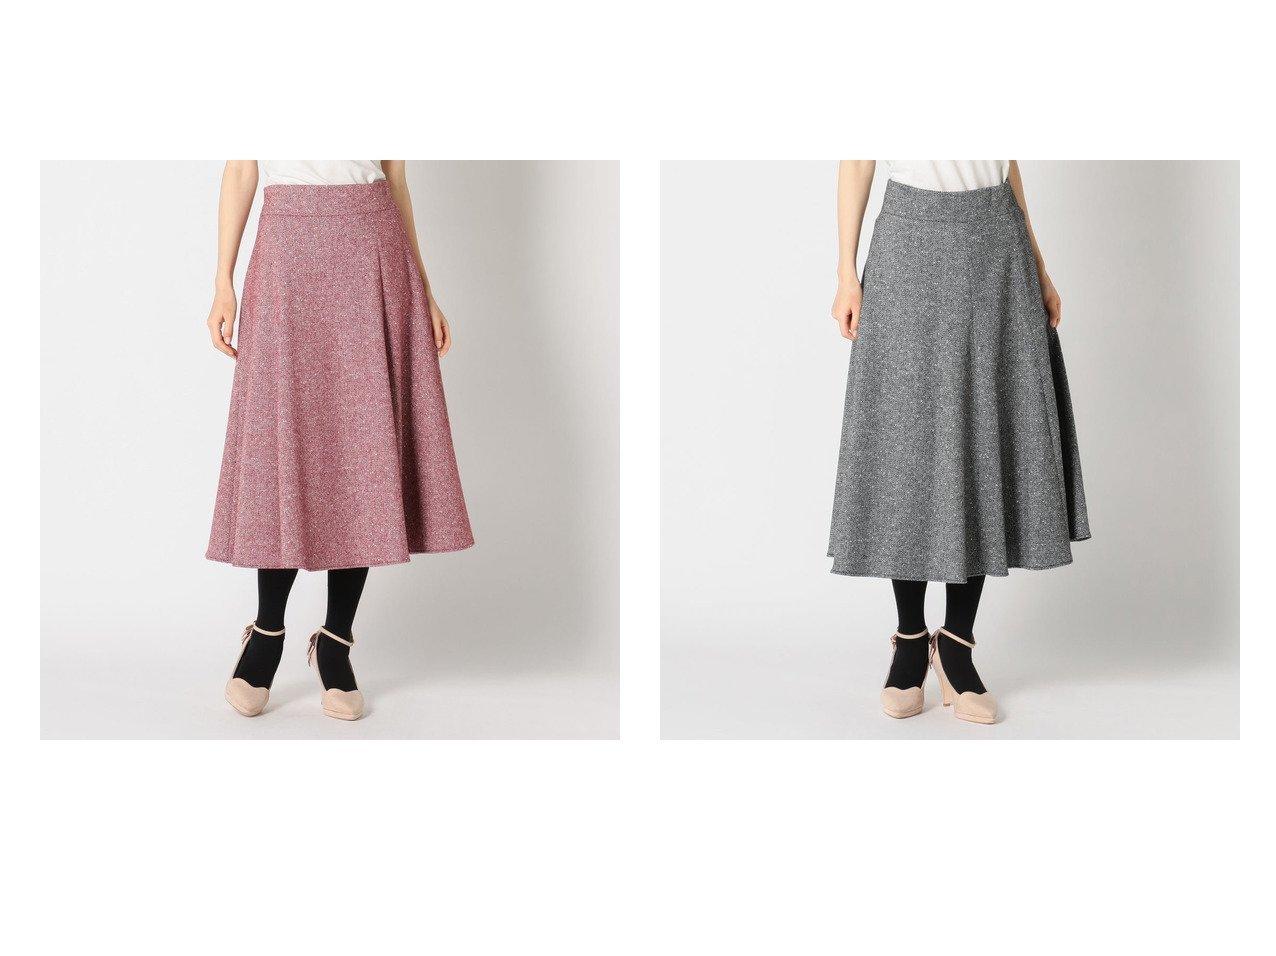 【MISCH MASCH/ミッシュマッシュ】のツイードフレアースカート スカートのおすすめ!人気、トレンド・レディースファッションの通販 おすすめで人気の流行・トレンド、ファッションの通販商品 メンズファッション・キッズファッション・インテリア・家具・レディースファッション・服の通販 founy(ファニー) https://founy.com/ ファッション Fashion レディースファッション WOMEN スカート Skirt 2020年 2020 2020-2021 秋冬 A/W AW Autumn/Winter / FW Fall-Winter 2020-2021 A/W 秋冬 AW Autumn/Winter / FW Fall-Winter アクリル ショート ツイード ロング |ID:crp329100000014455